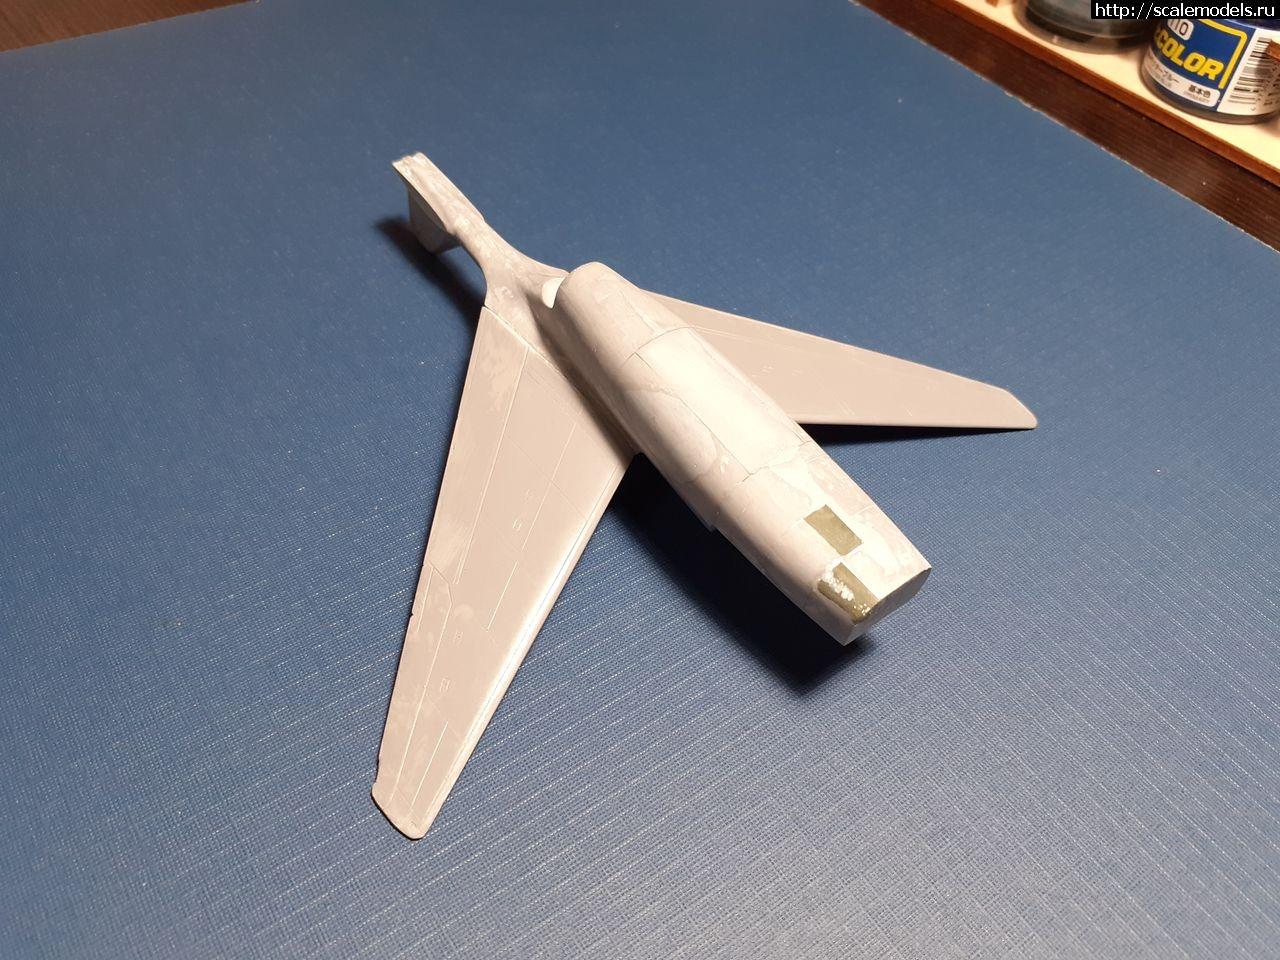 #1646377/ Blohm & Voss BV P.209.02 1:72 Airmodel (ГОТОВО) Закрыть окно